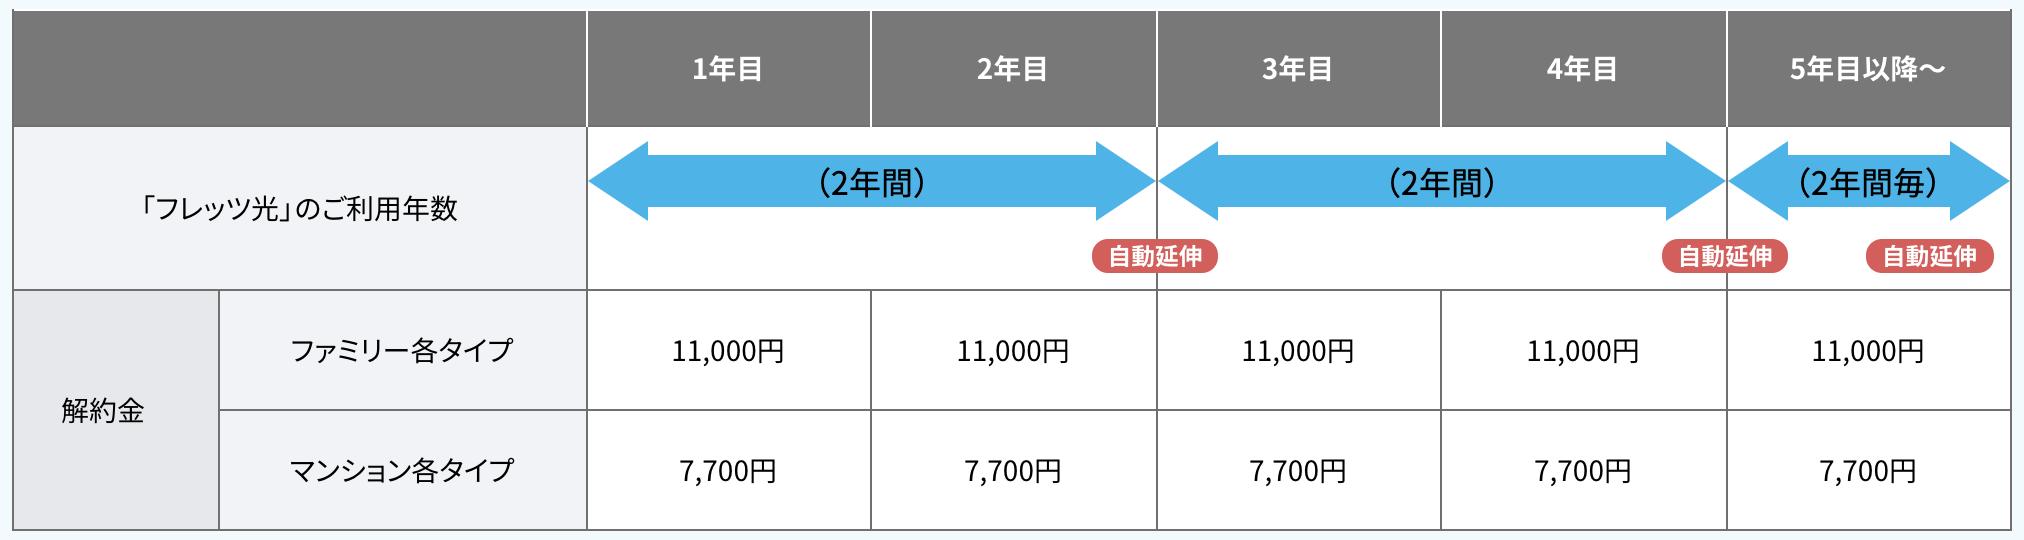 フレッツ光の割引期間等の違約金詳細